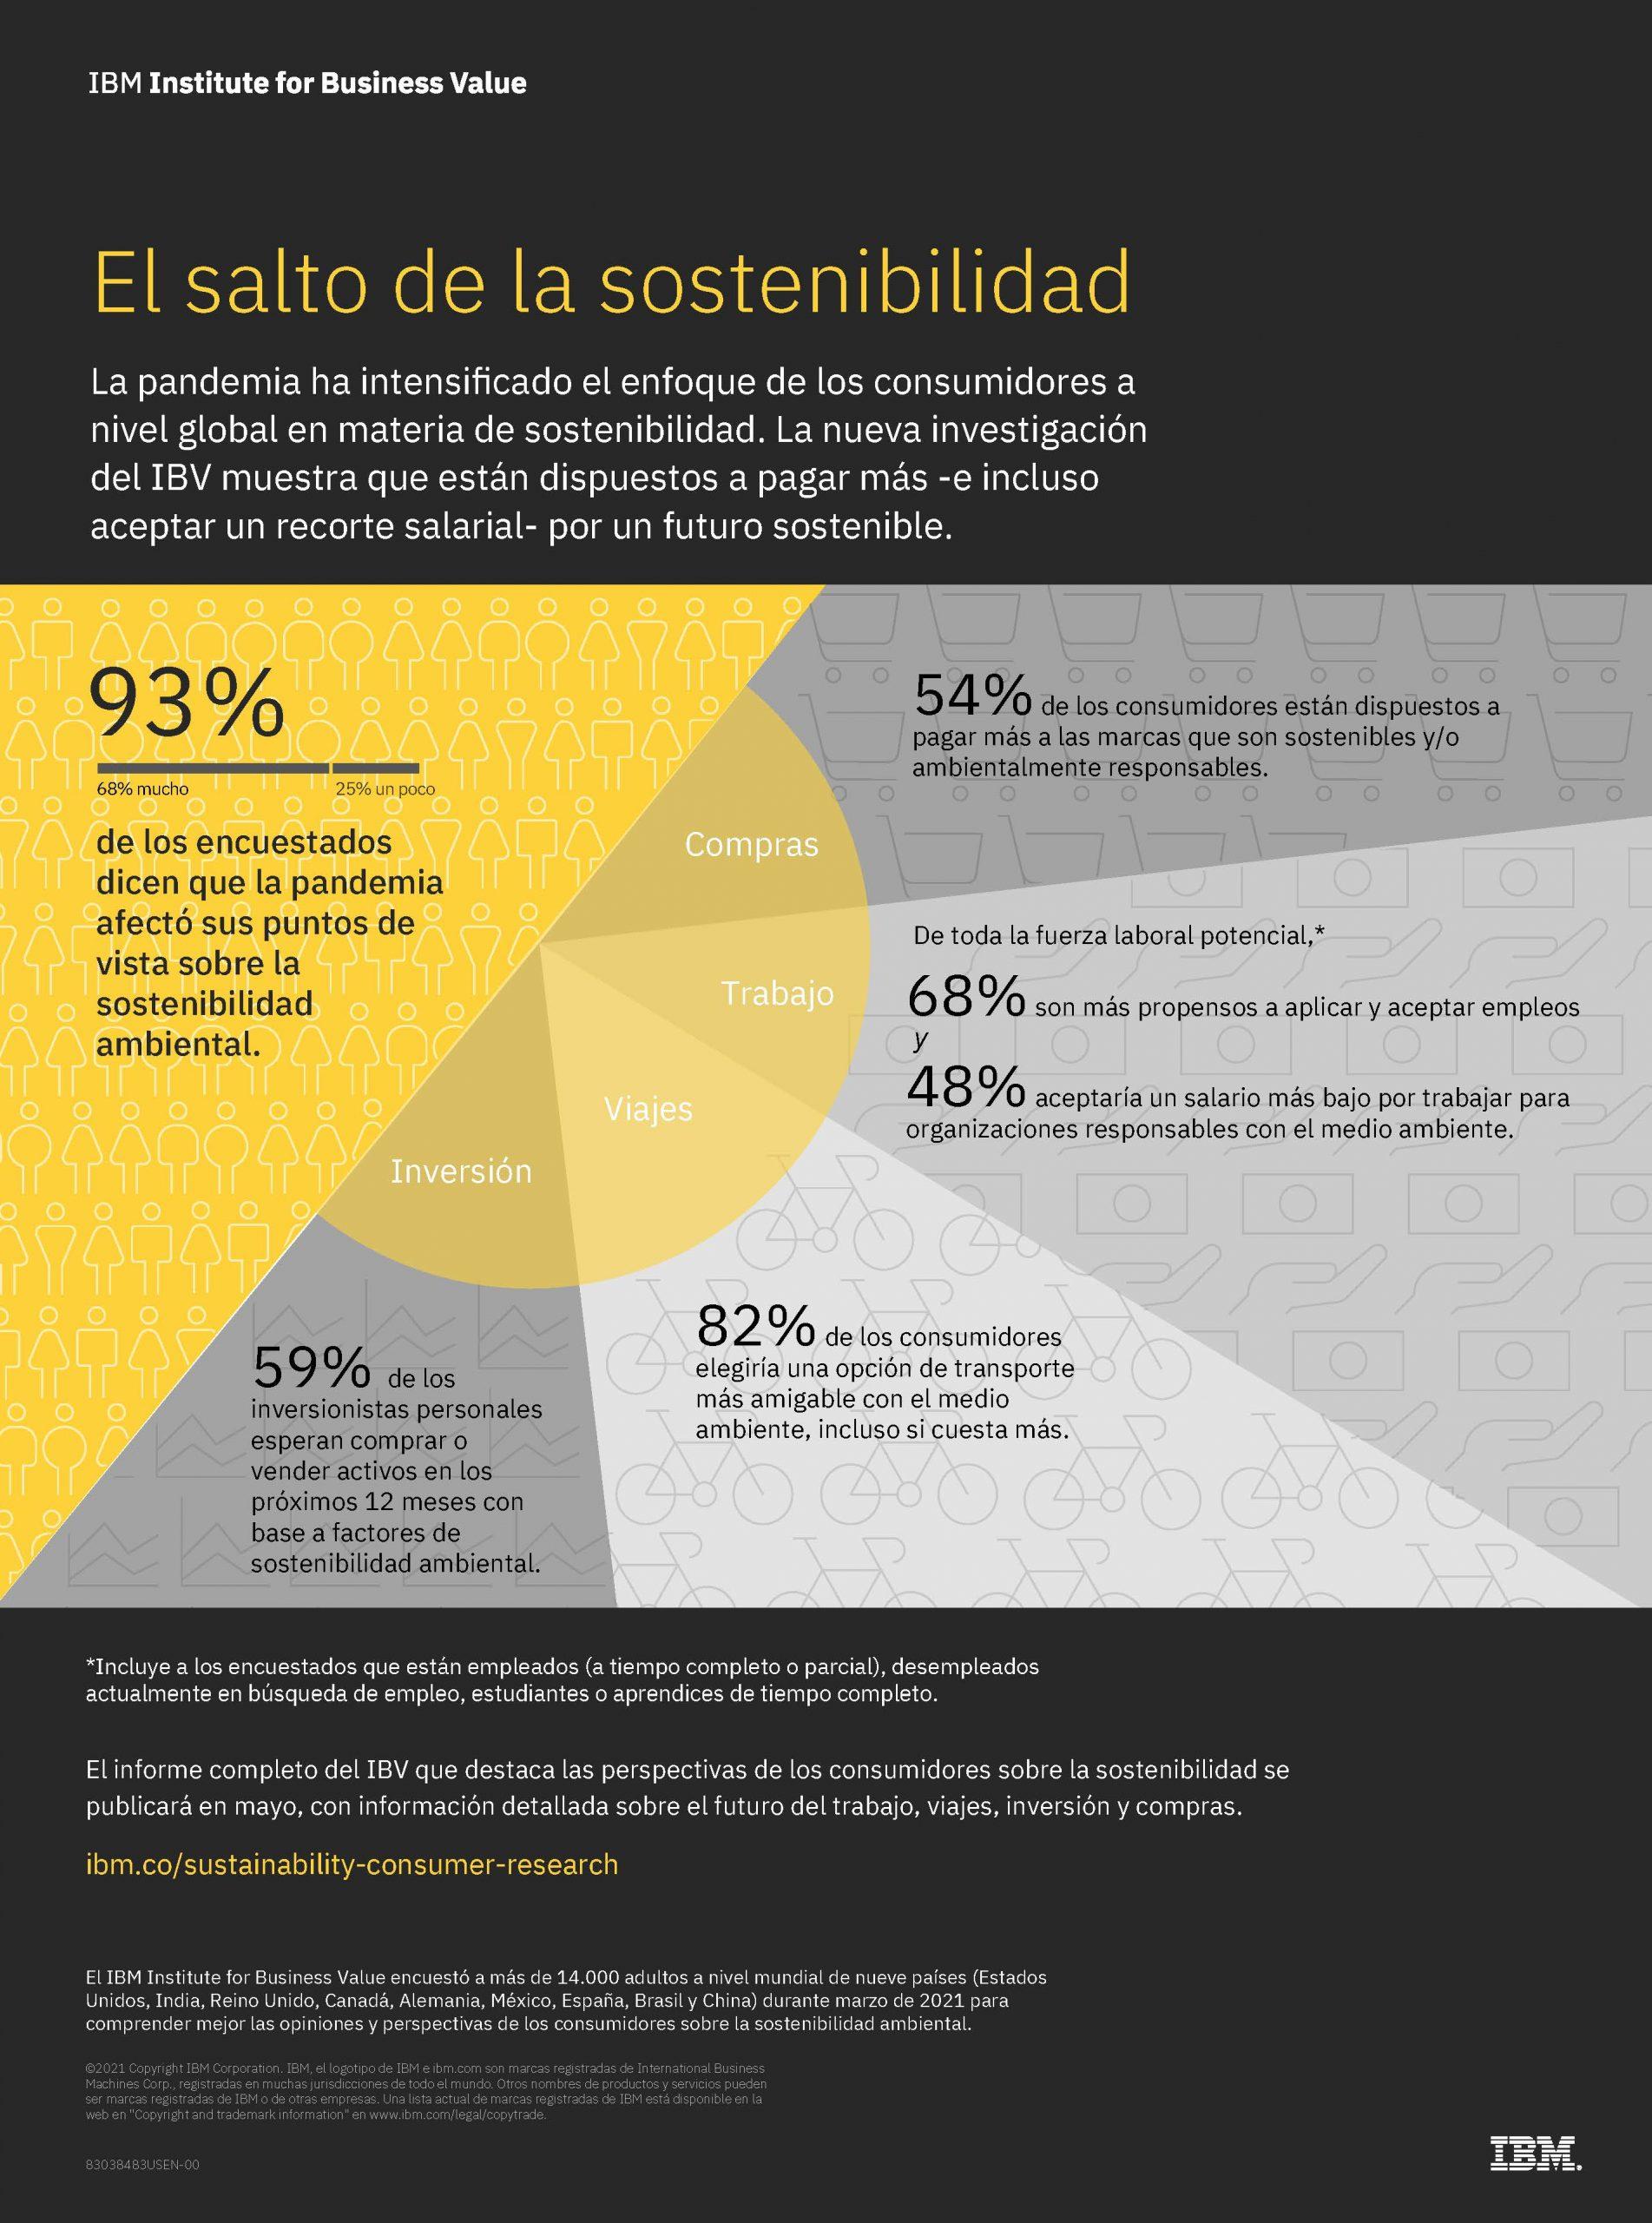 Estudio de IBM: Pandemia de COVID-19 impactó las opiniones sobre sostenibilidad de 9 de cada 10 consumidores